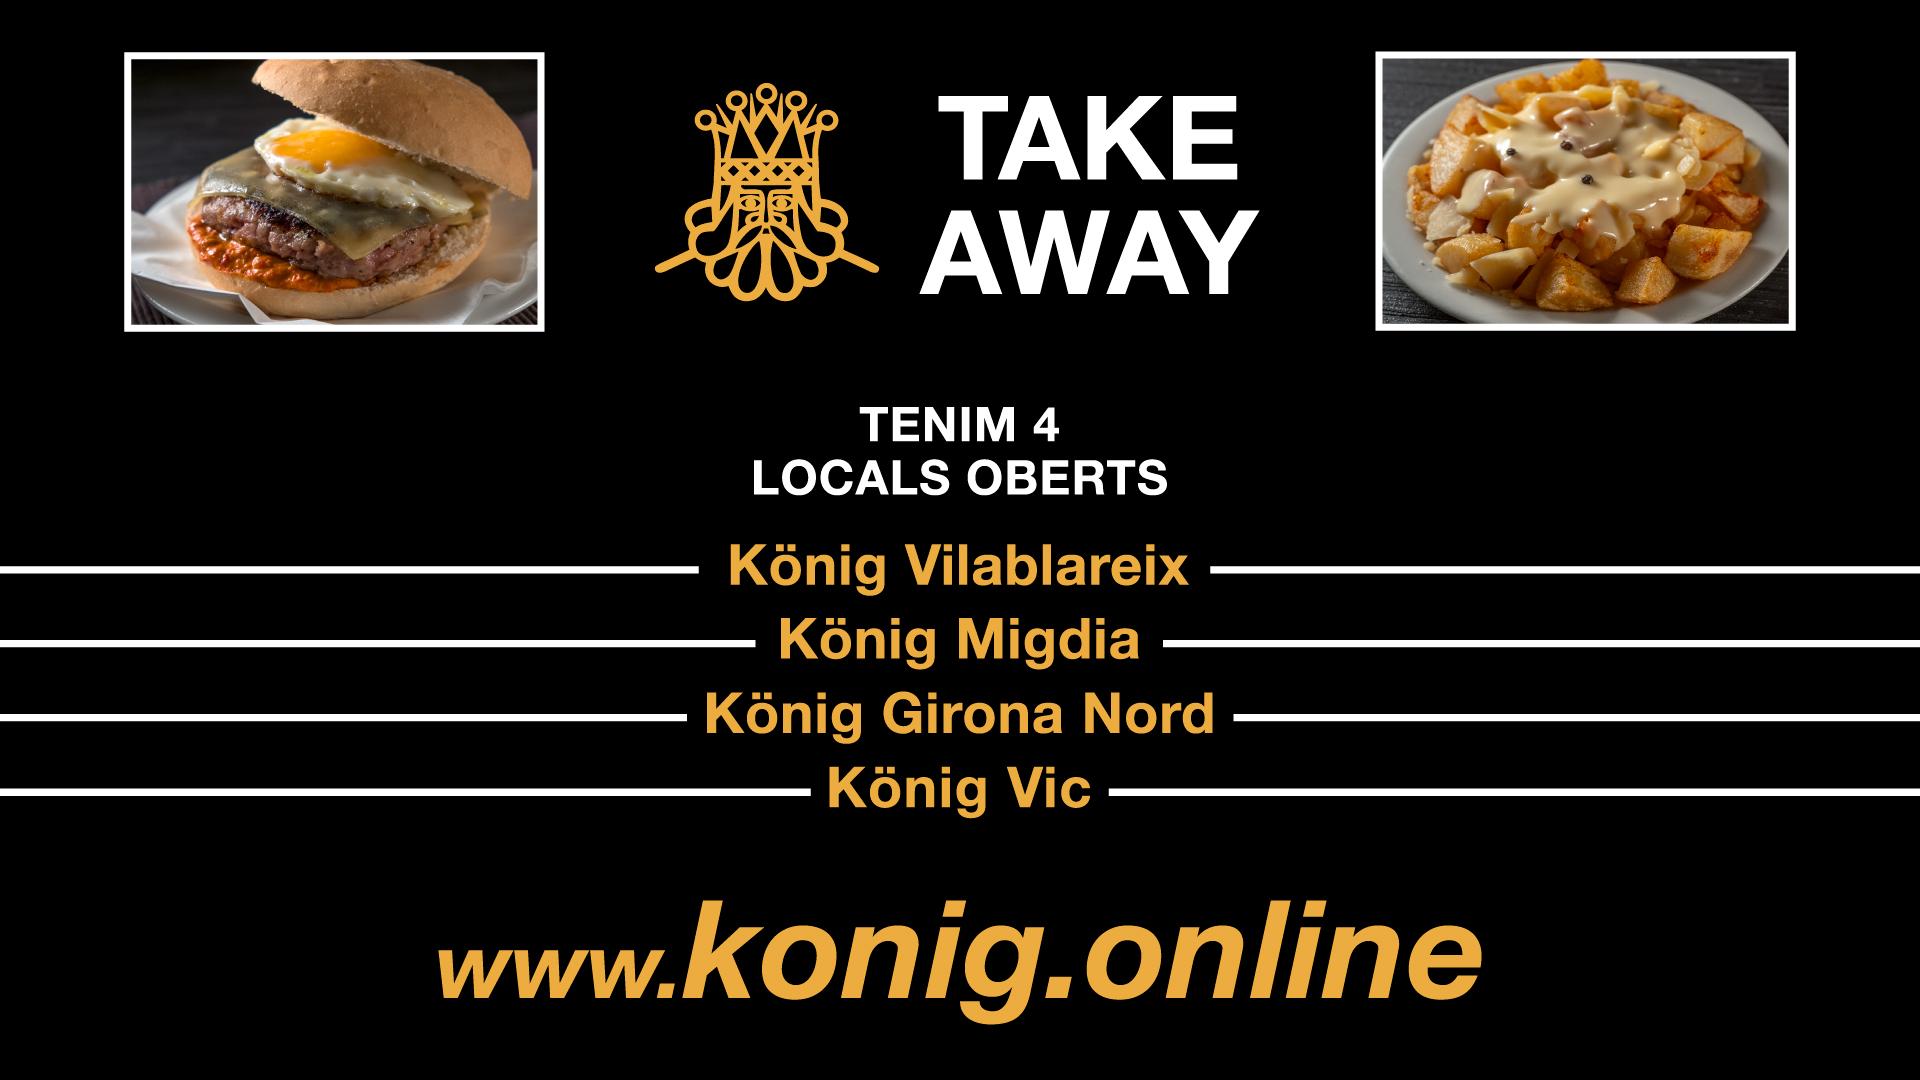 #konig.online